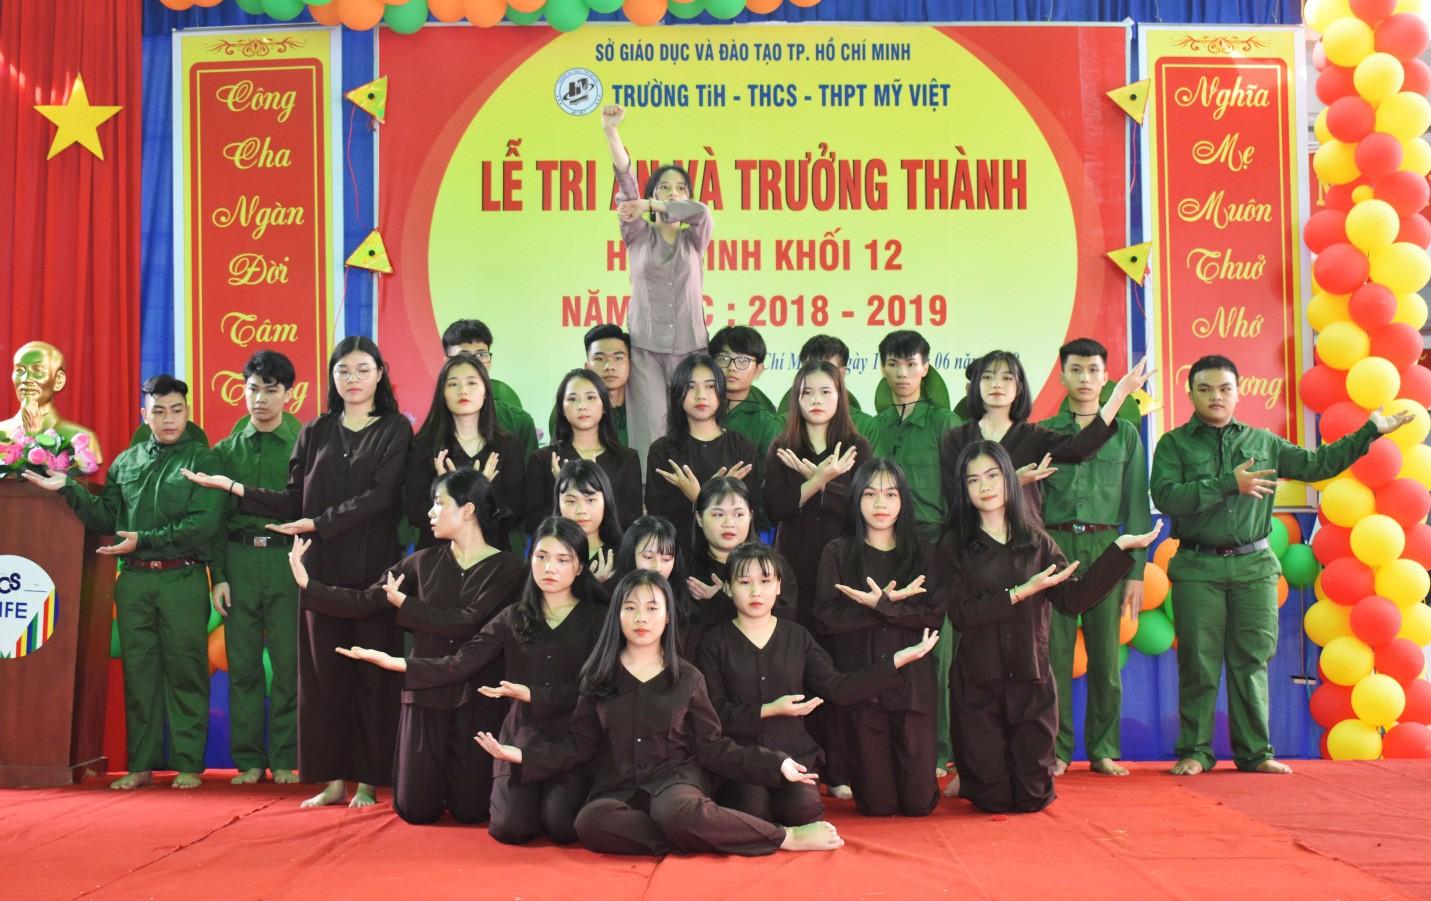 Nước mắt xen lẫn niềm vui trong lễ tri ân và trưởng thành của teen Mỹ Việt - Ảnh 6.